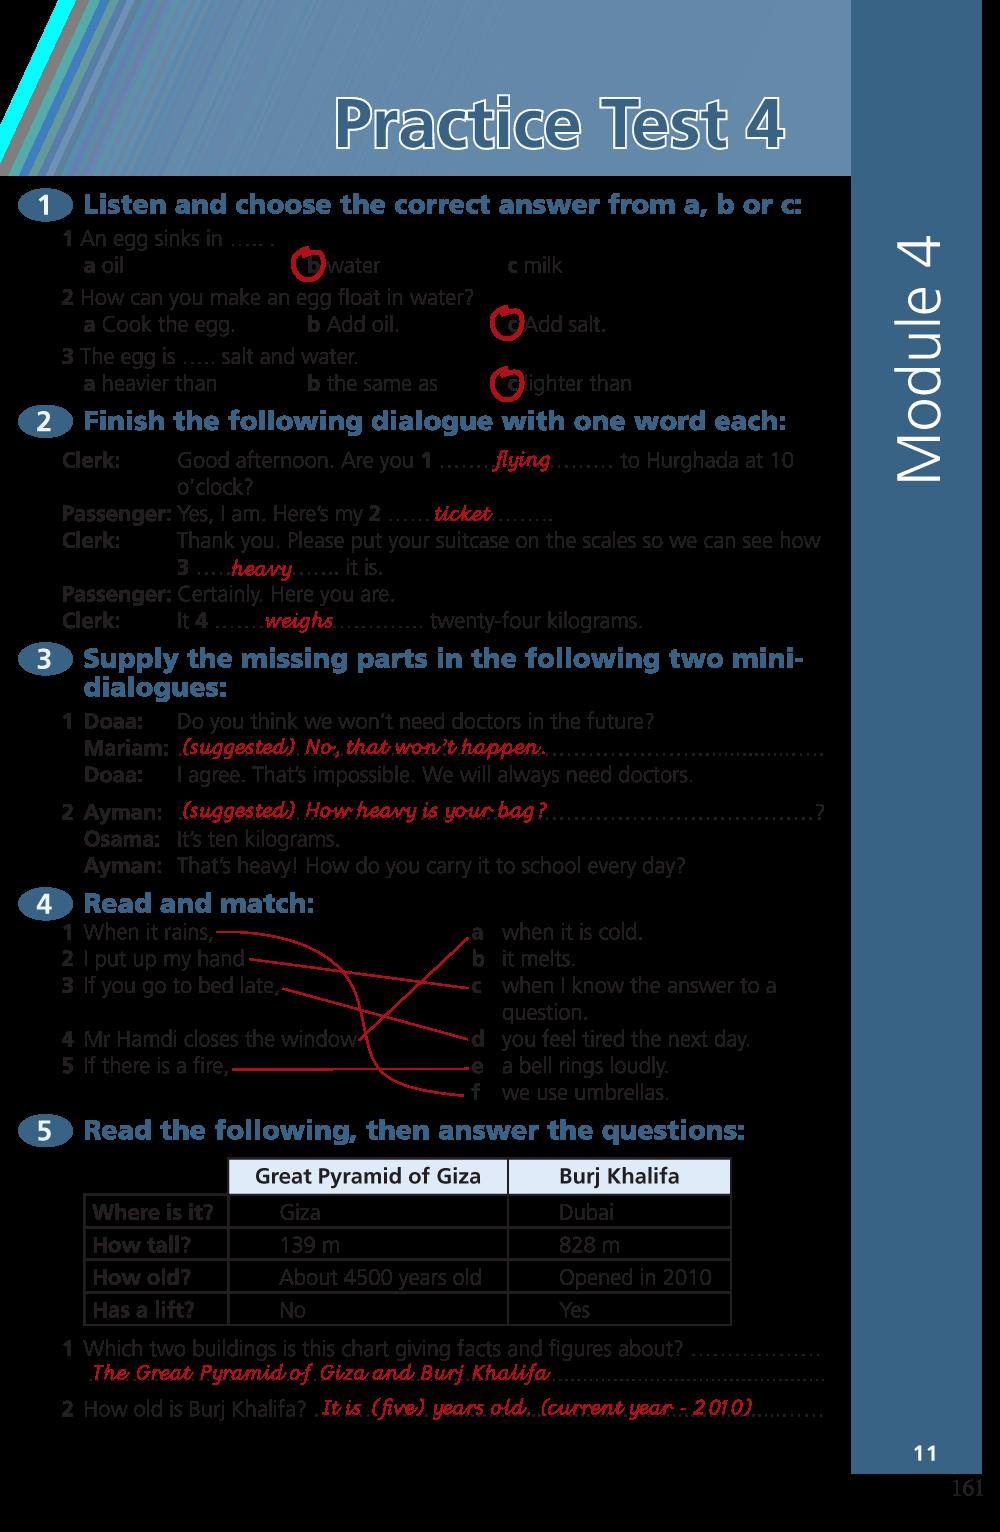 اجابات كتاب ورك بوك للصف الاول الاعدادى الترم الثانى WORK-BOOK-ANSWERS-PREP-1-TERM-2